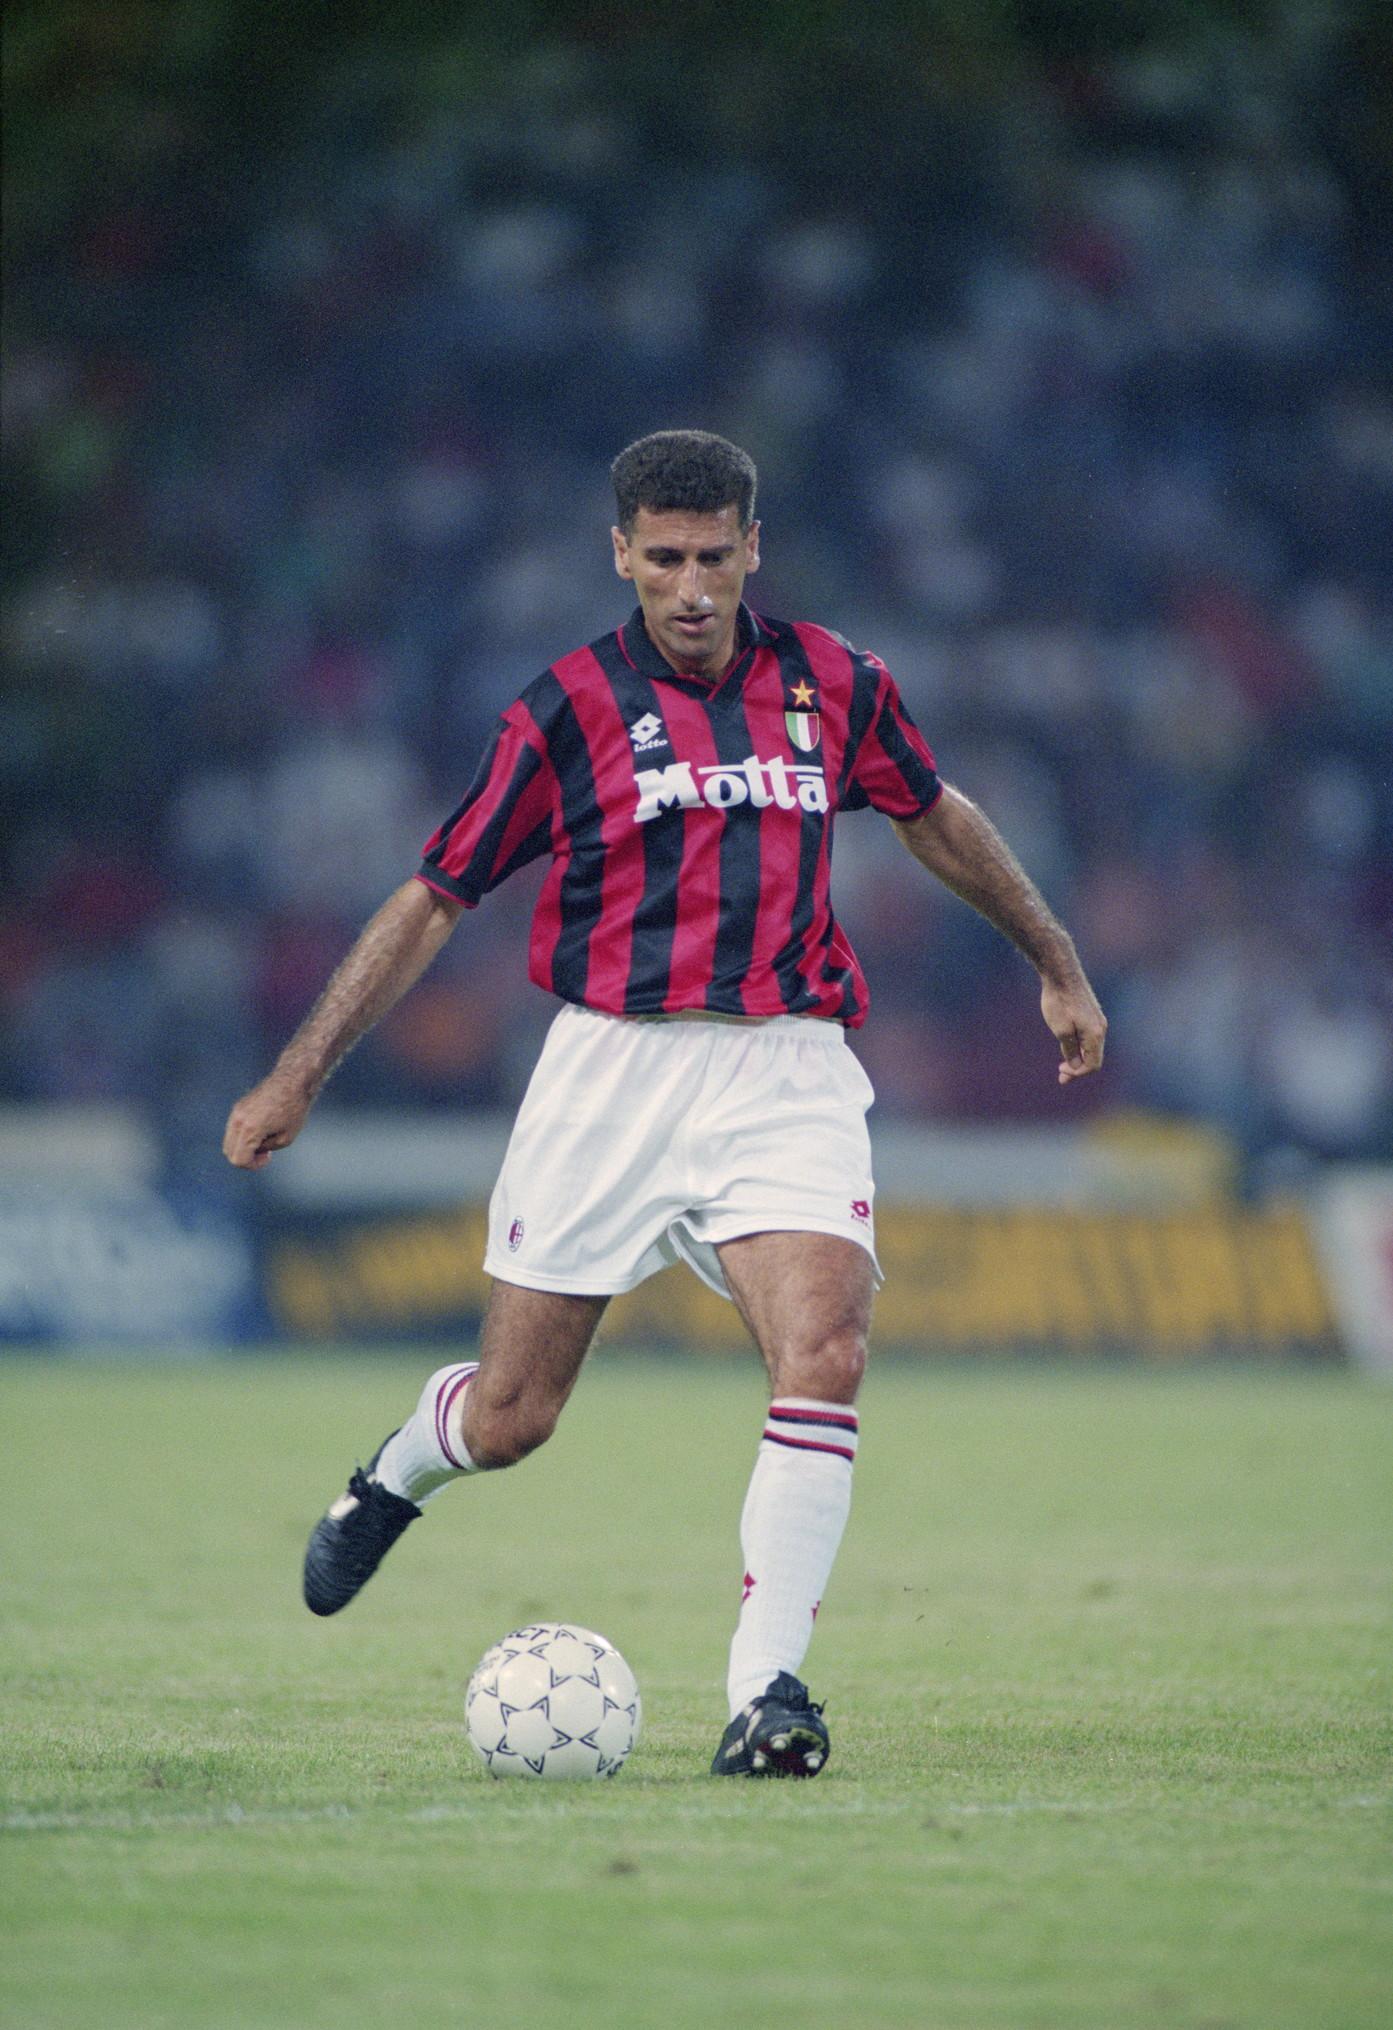 Mauro Tassotti (calciatore 1980-97, vice-allenatore 2001-15)